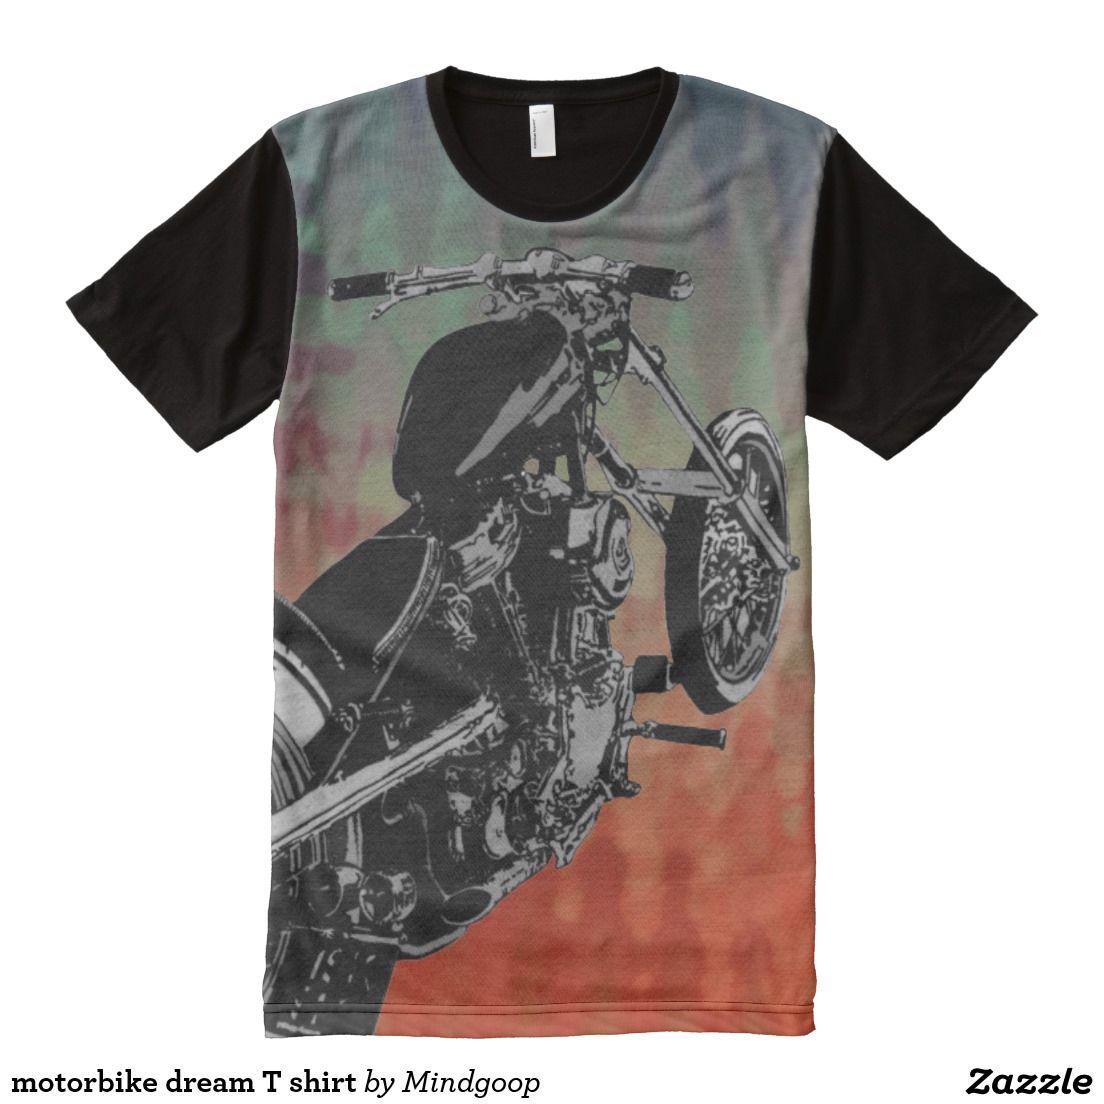 motorbike dream T shirt